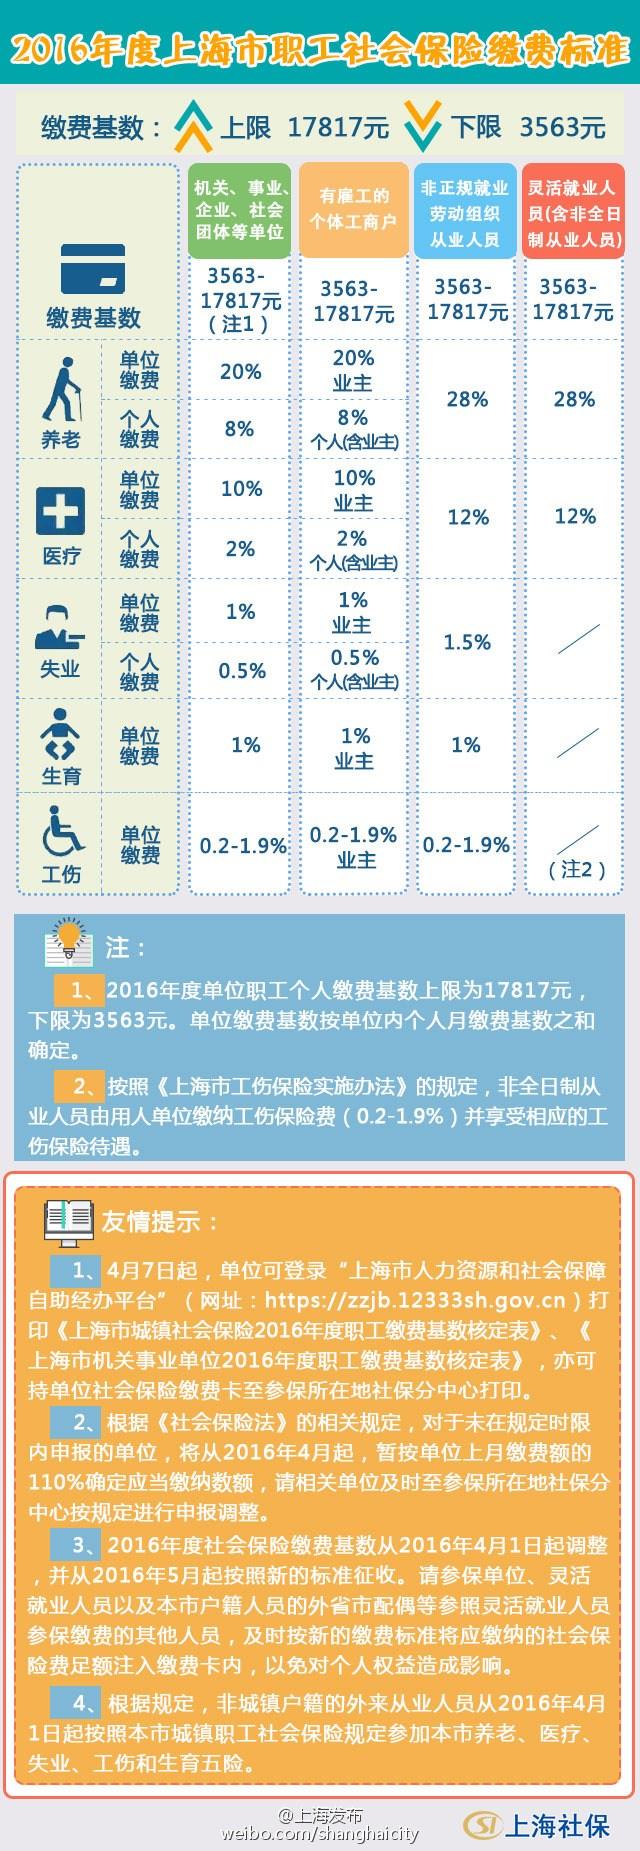 上海社保缴费基数4月1日起调整 下限为3563元